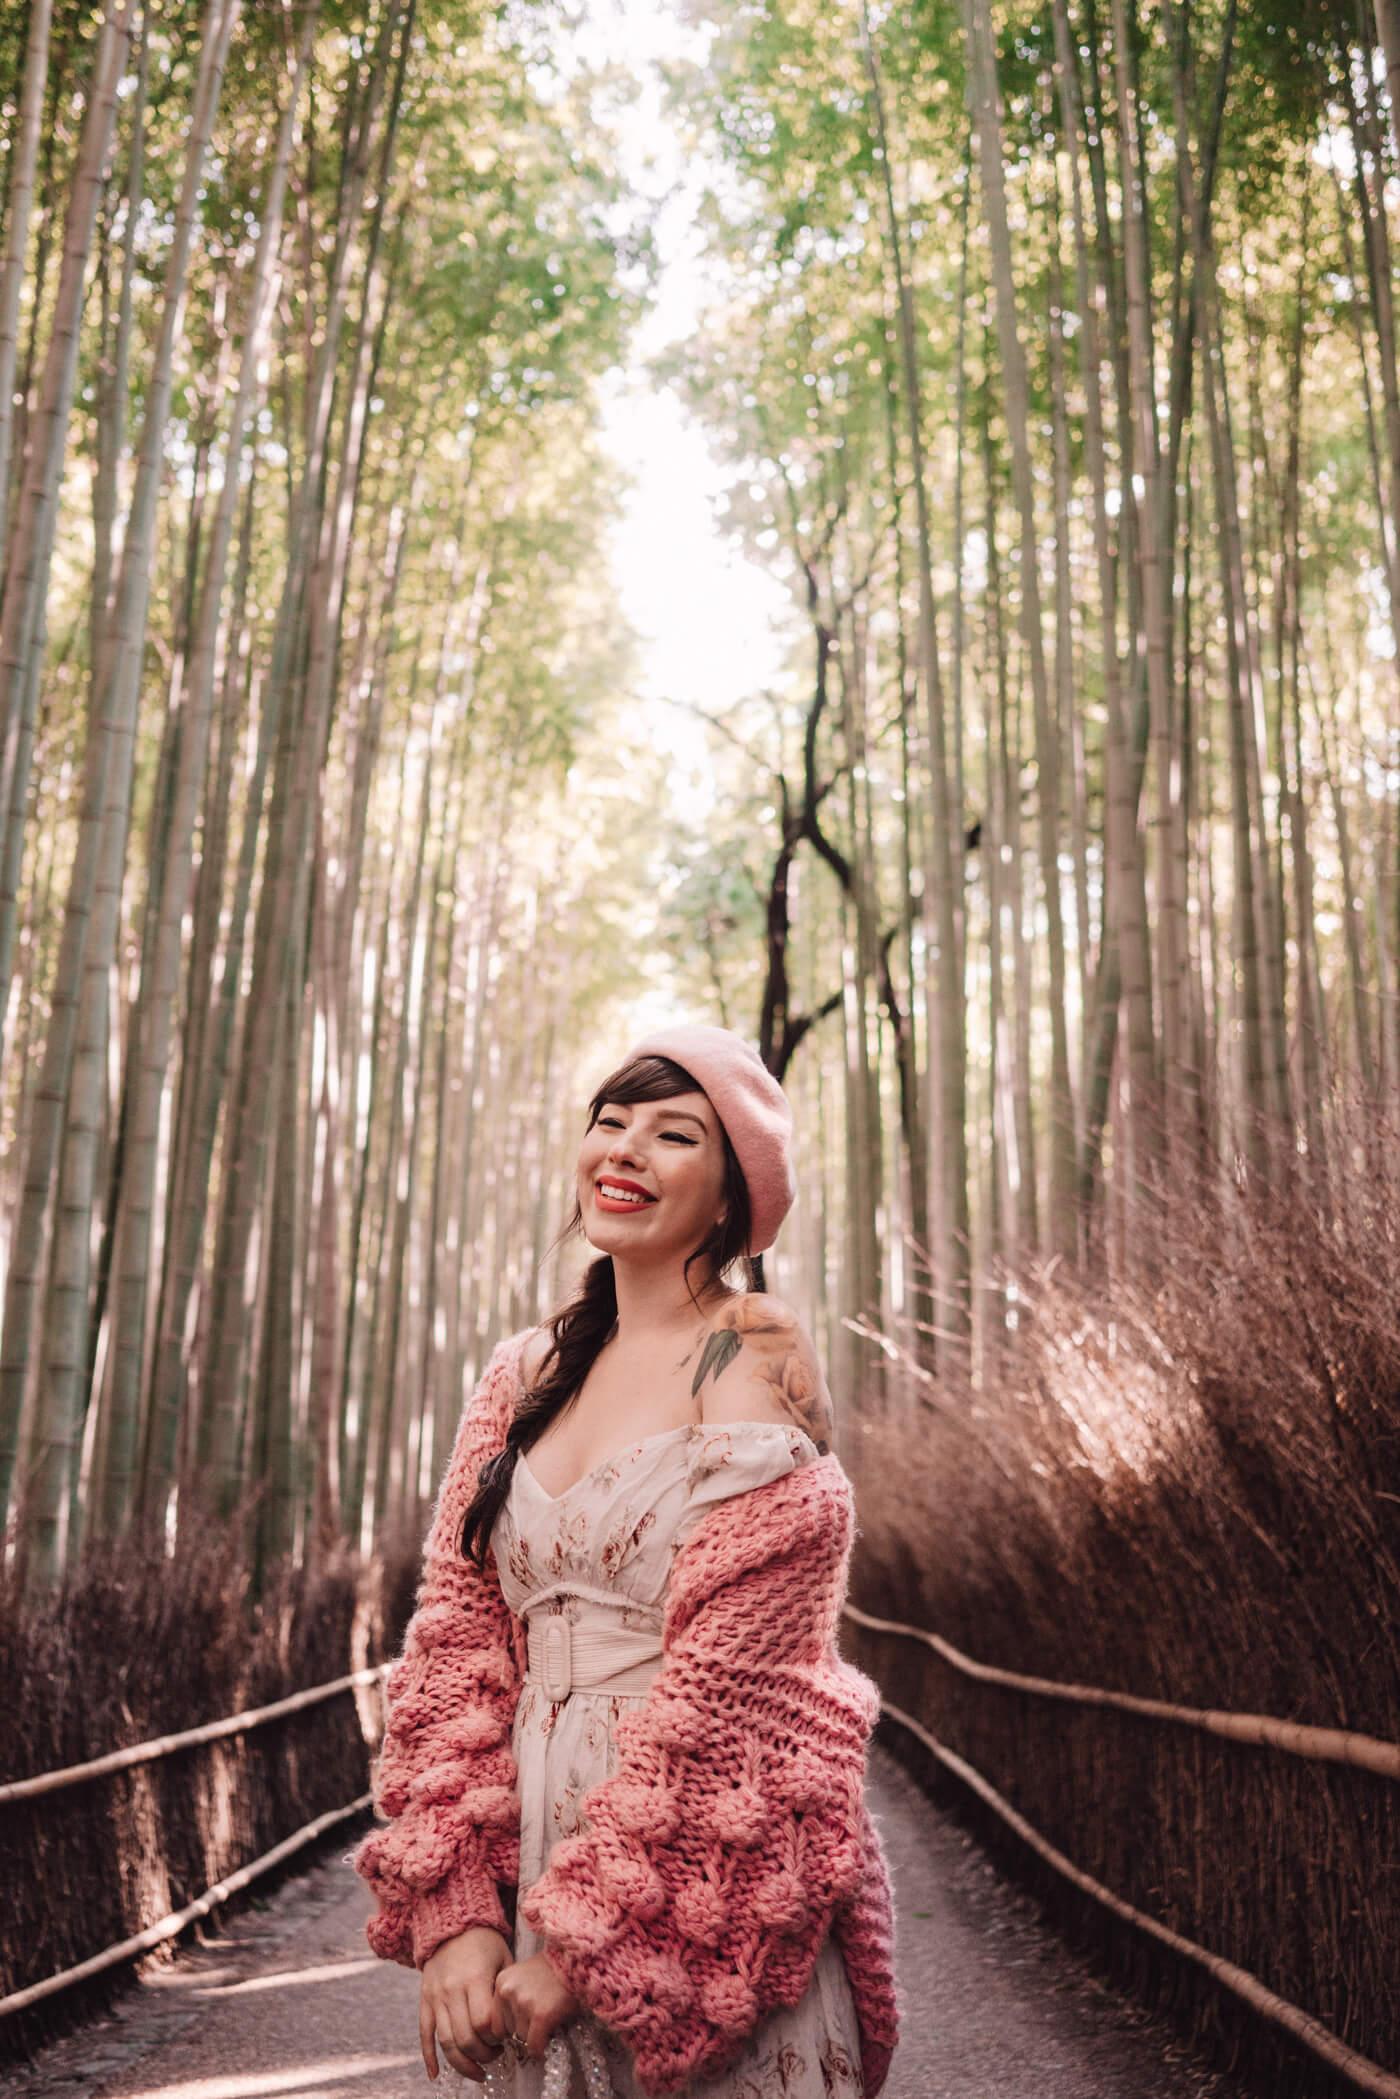 Keiko Lynn in Arashiyama Bamboo Forest, Kyoto, Japan.